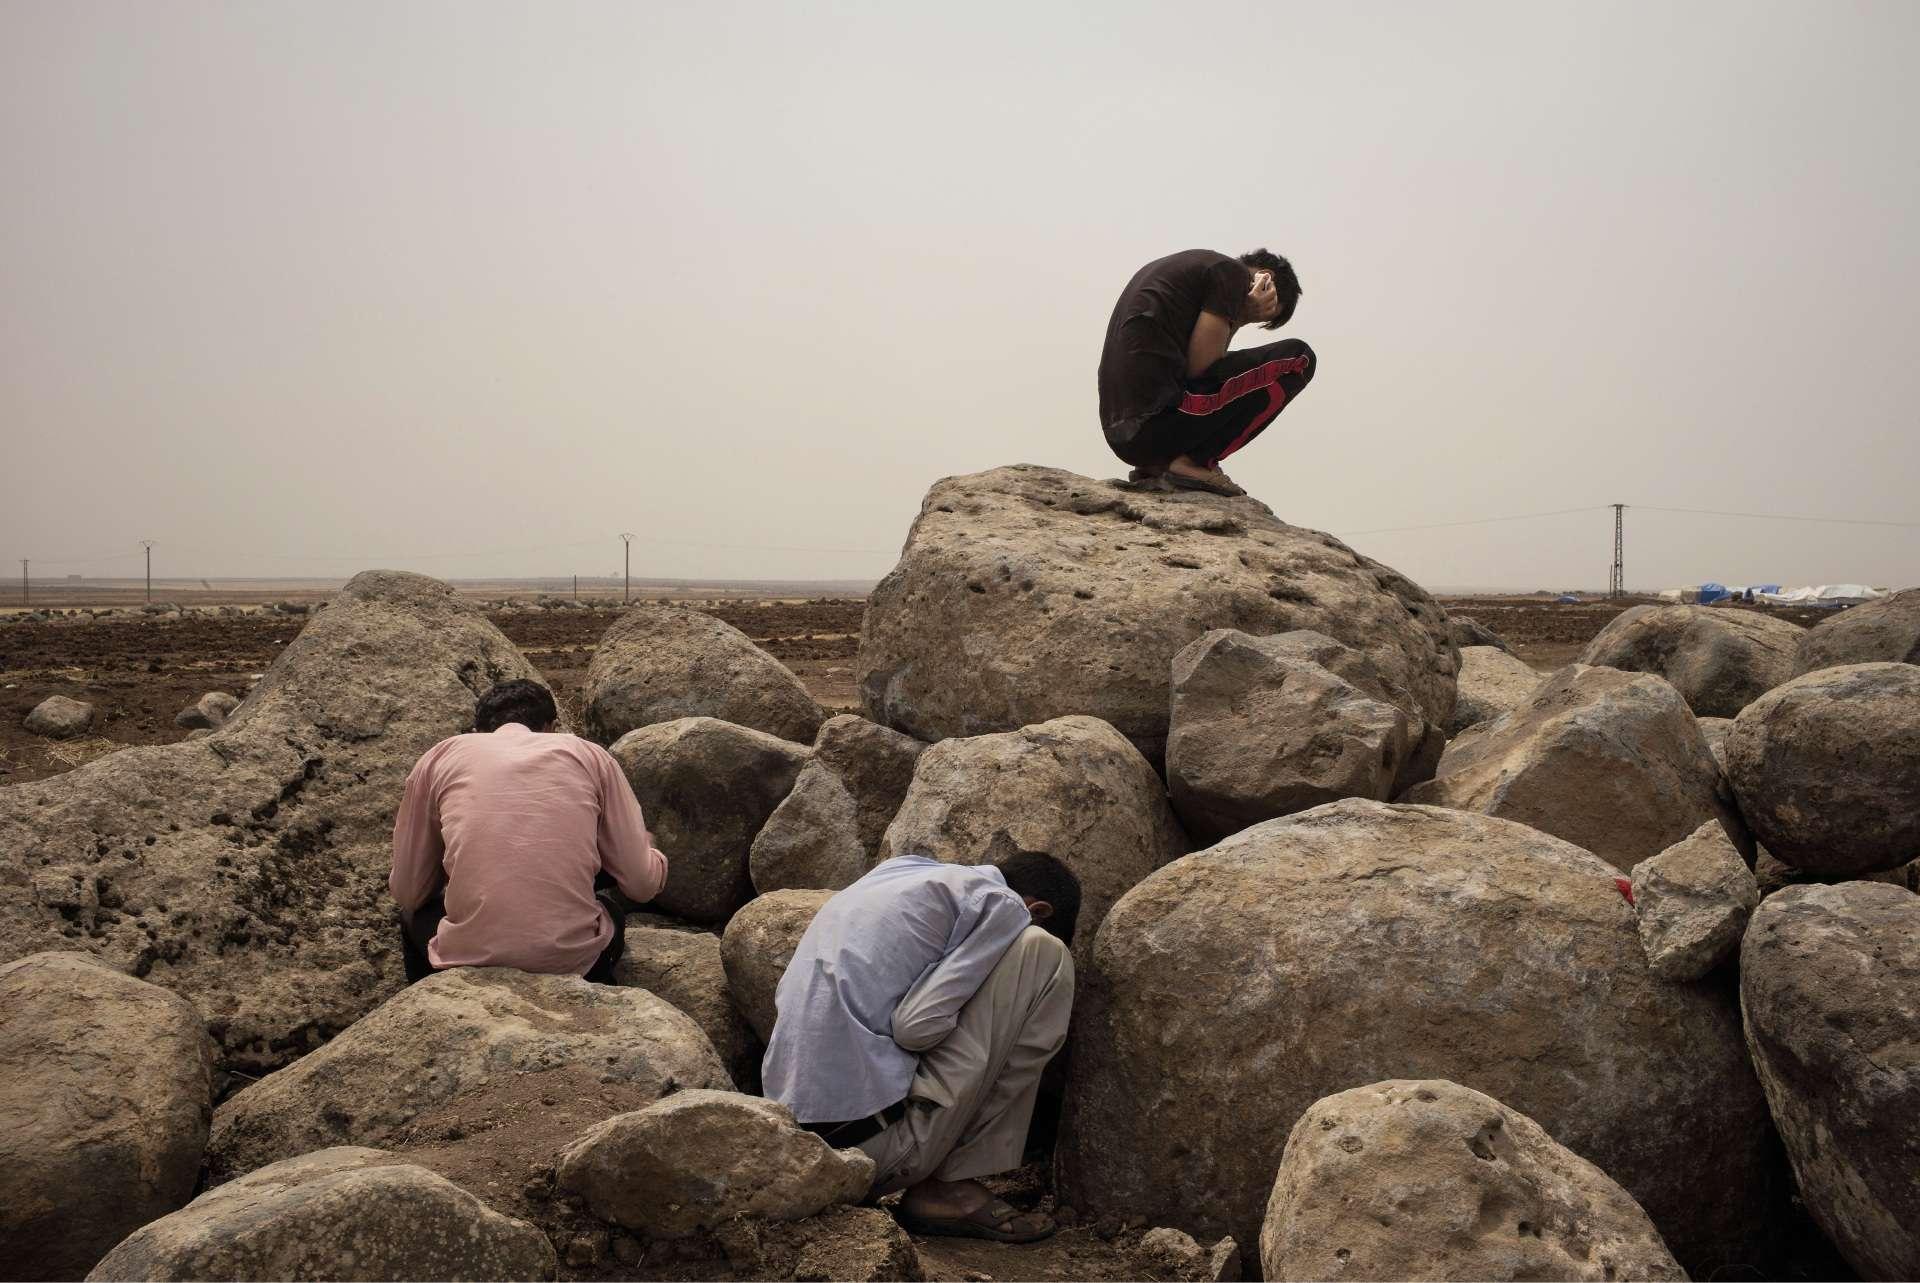 De 2014 à 2016, le photographe français Émilien Urbano est parti à la rencontre des peshmergas irakiens, des combattants de Kobané ou des réfugiés yézidis, exprimant le renouveau du sentiment national kurde. Août2014, dansle camp de Newroz,en Syrie. Plusieurs milliers de yézidis (kurdophones d'Irak) y ont trouvé refuge, fuyant l'avancée de l'organisation État islamique (EI).